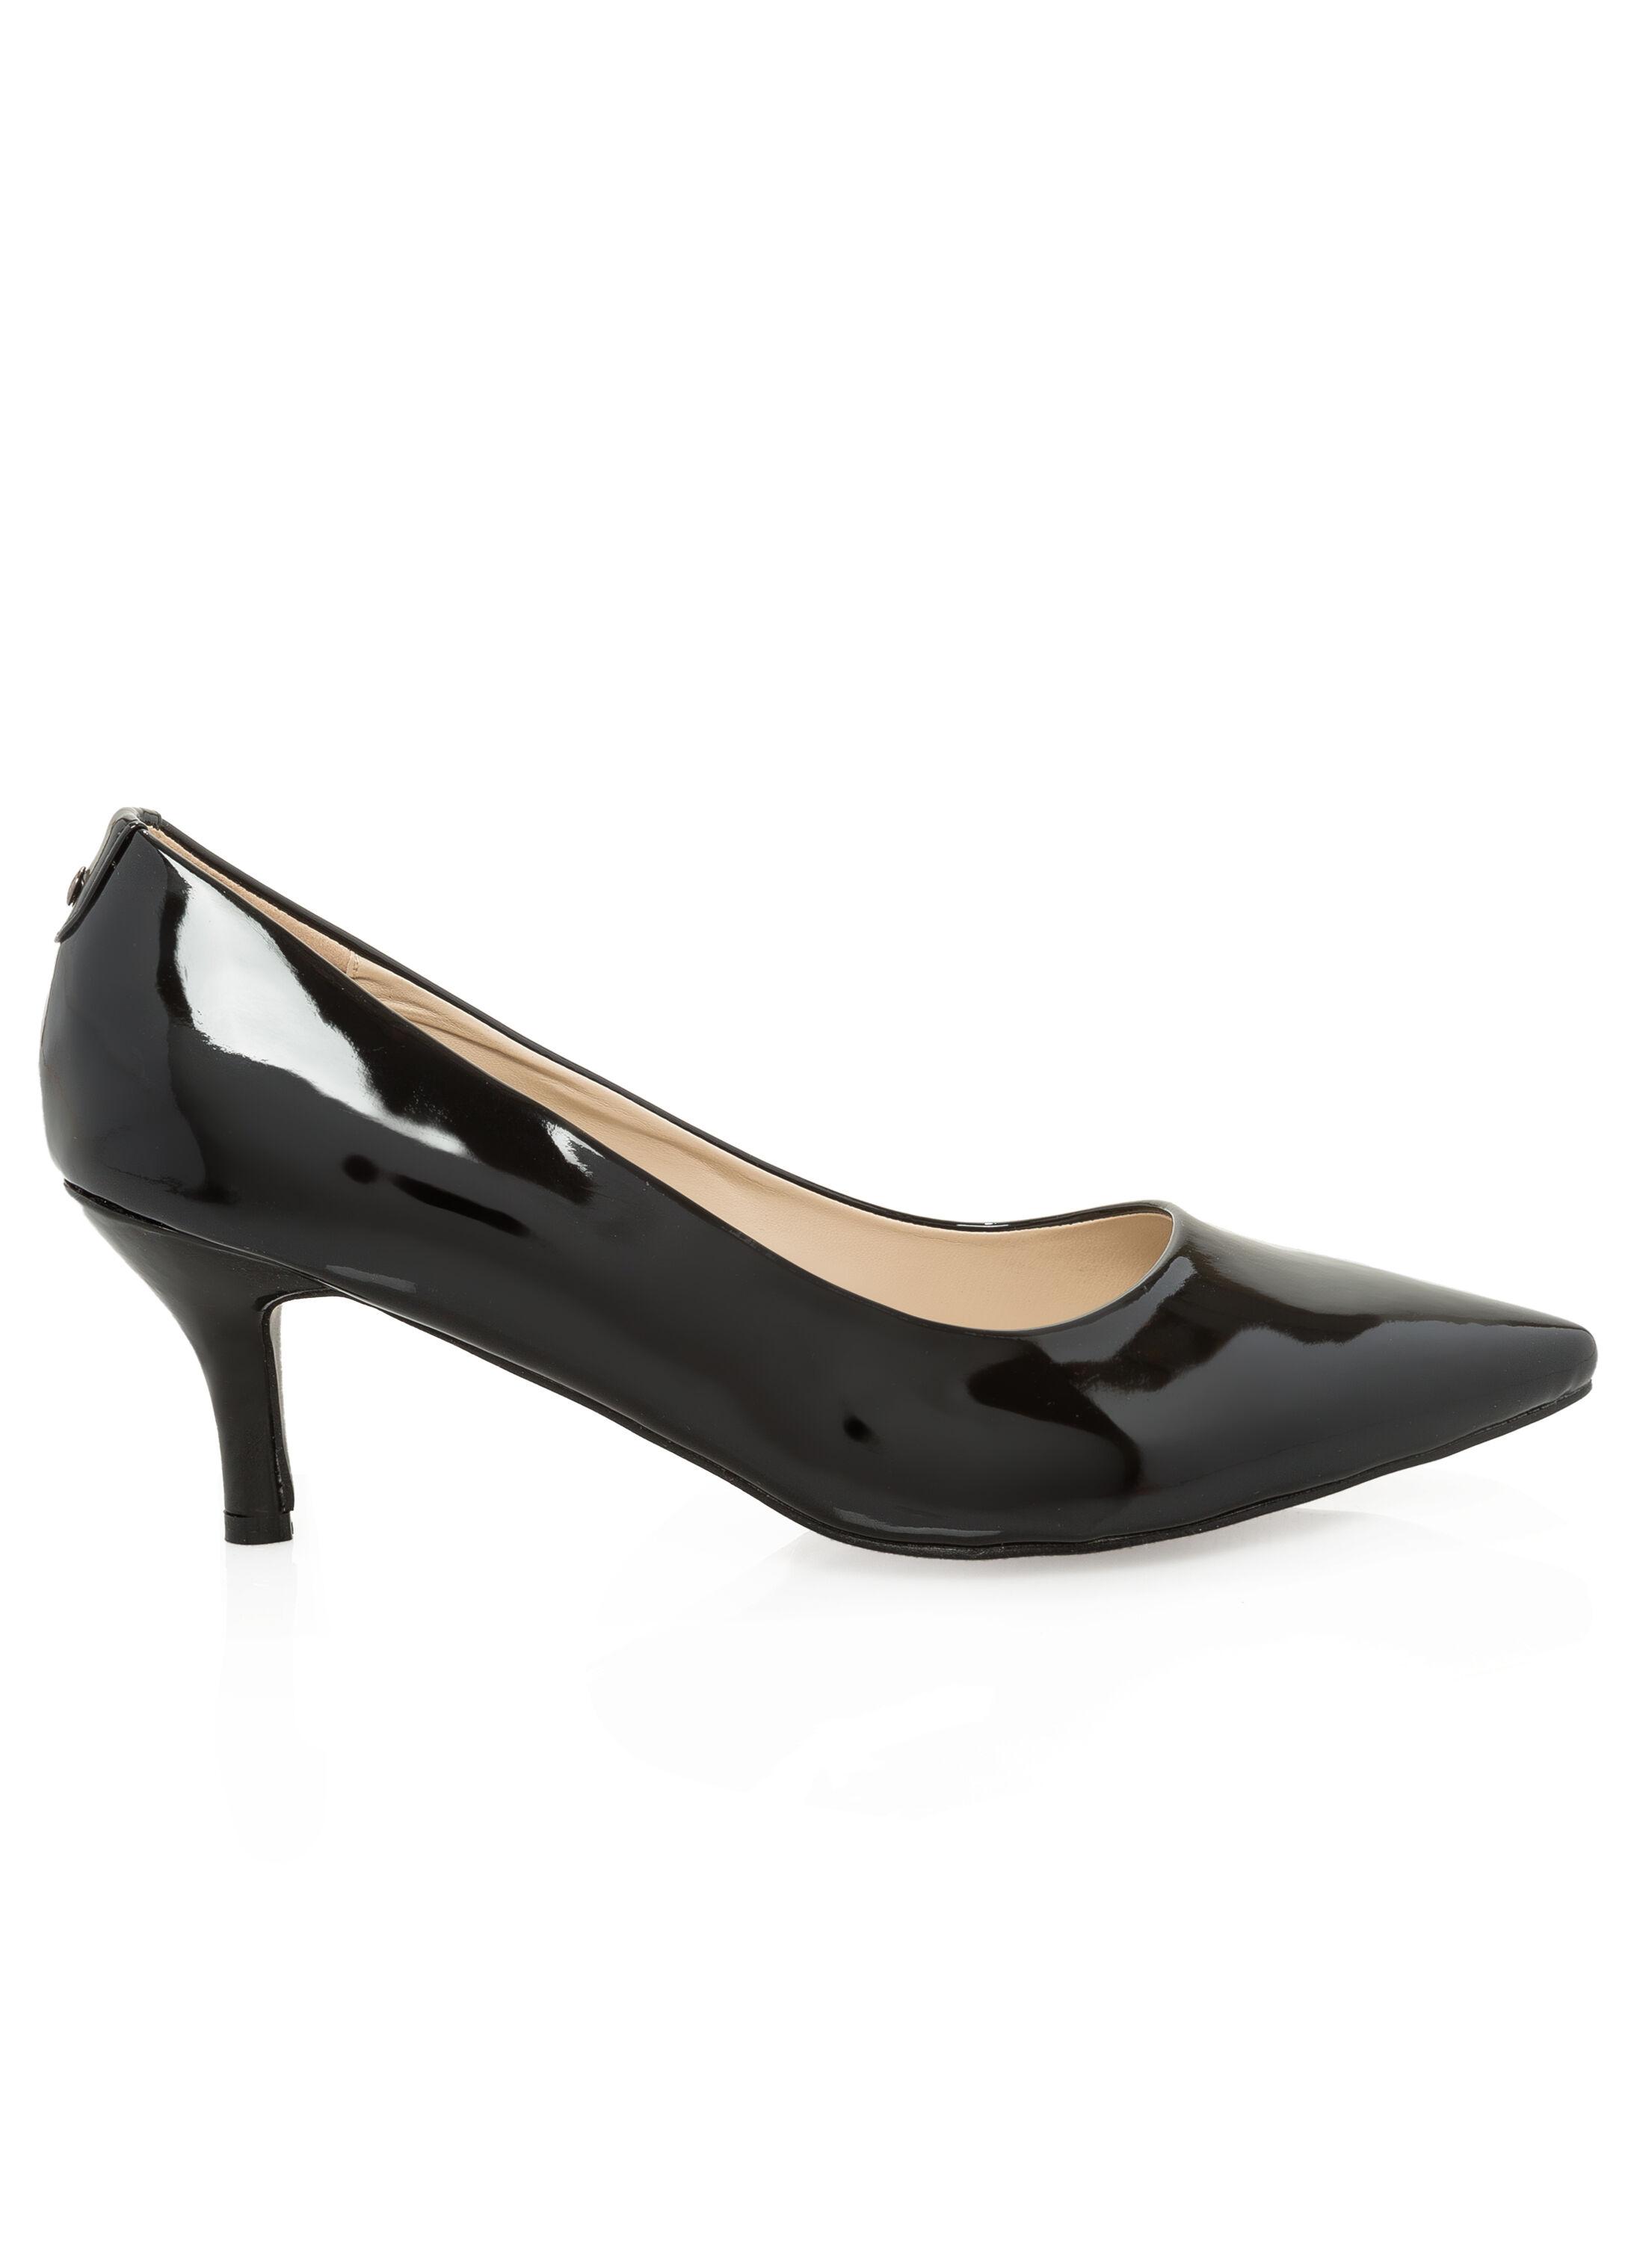 Kitten Heel Shoes Wide Width